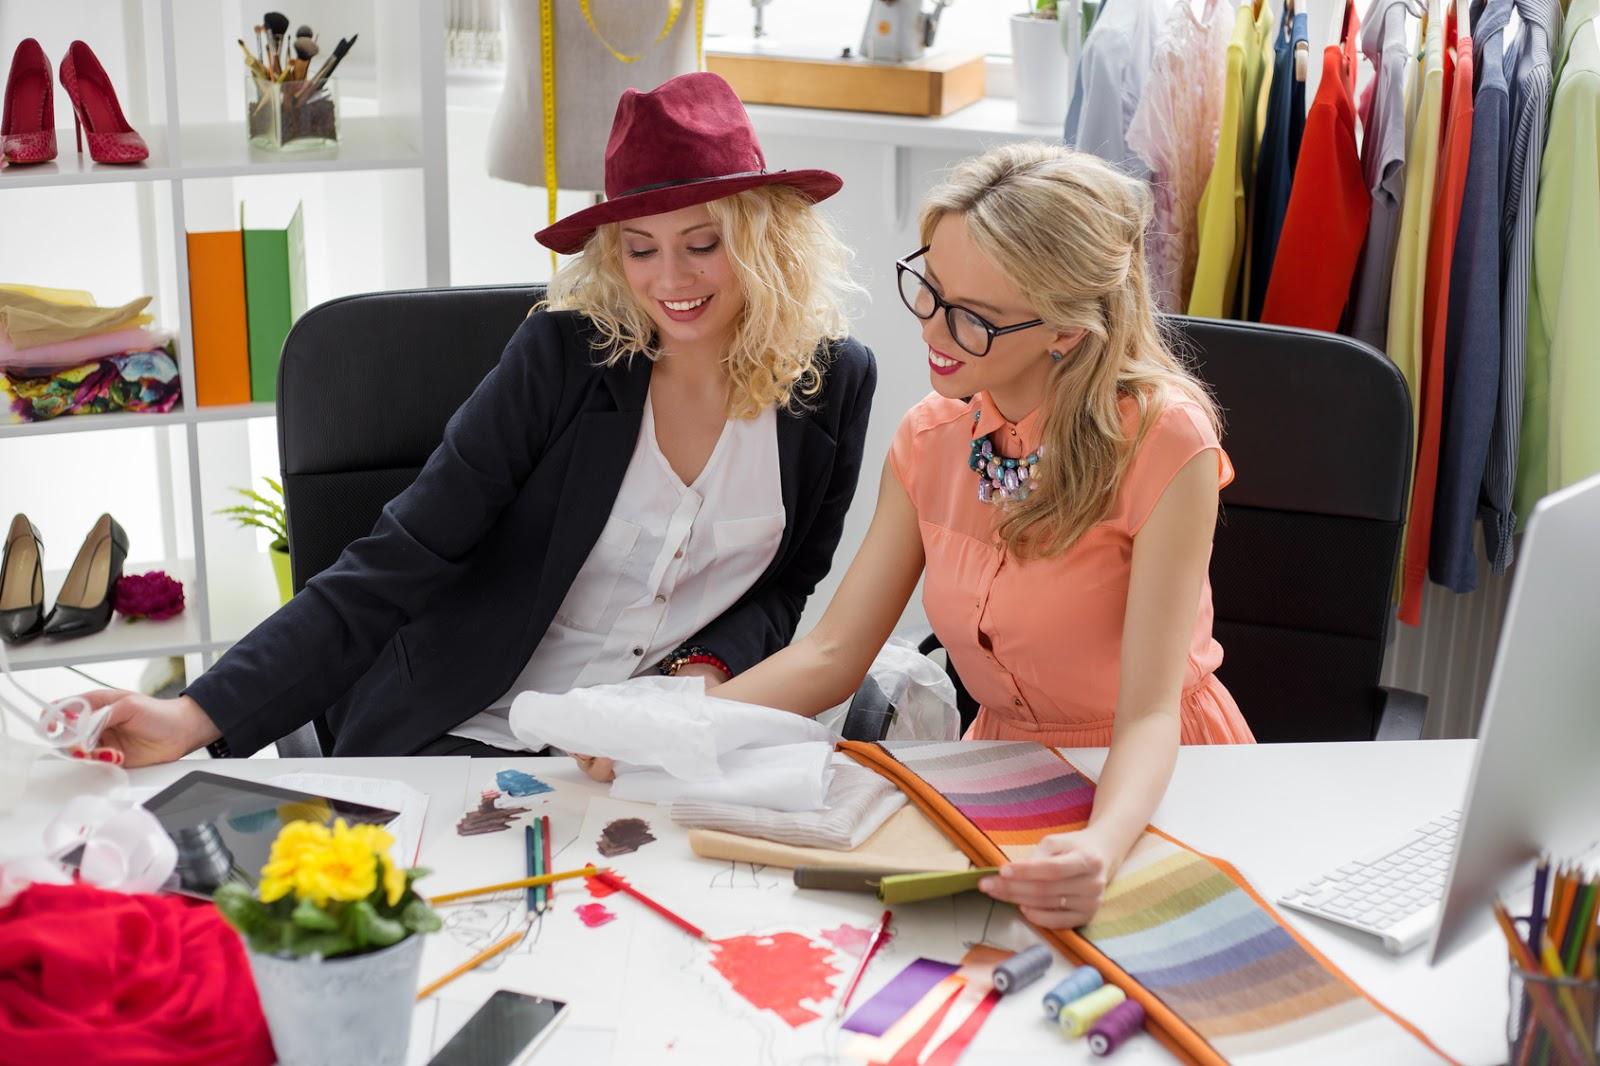 Muốn kinh doanh quần áo phải có vốn và cửa hiệu